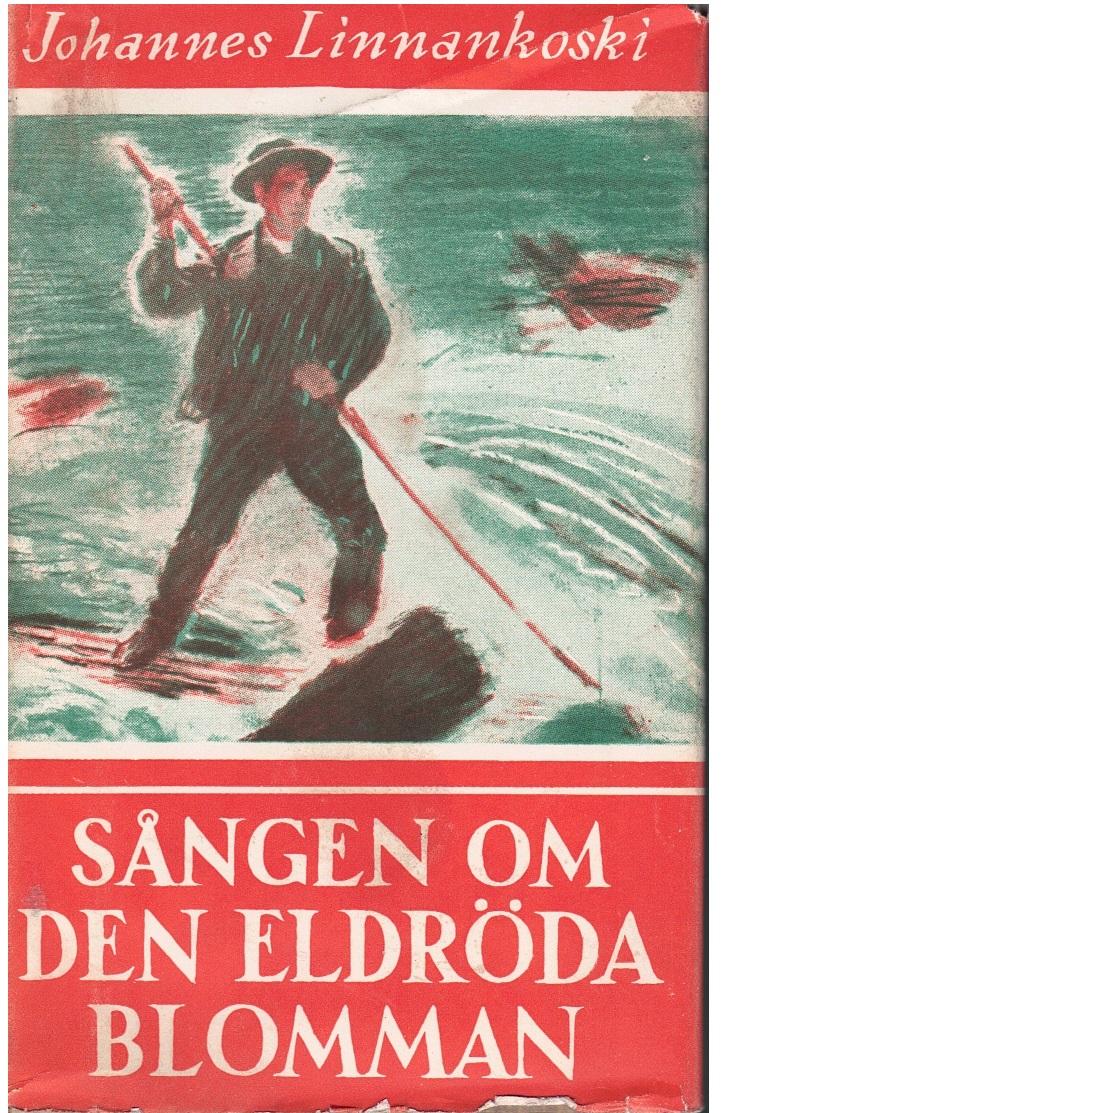 Sången om den eldröda blomman - Linnankoski, Johannes